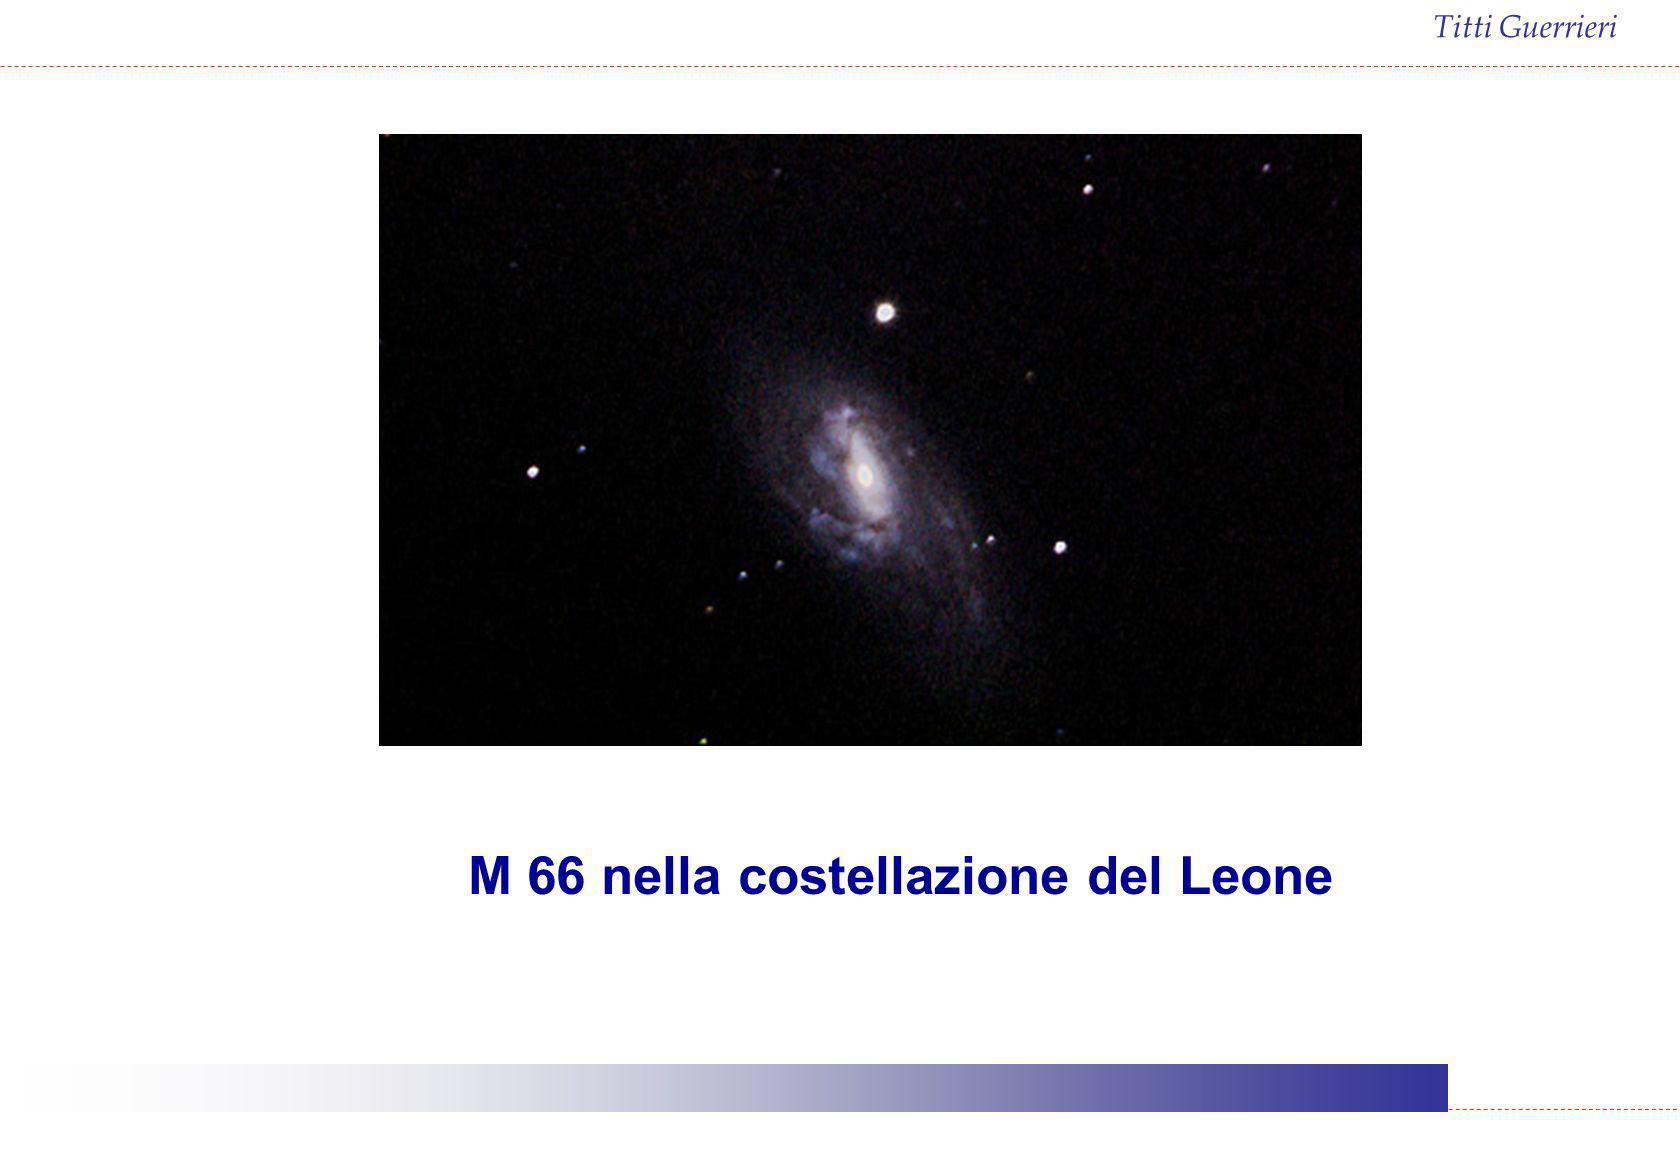 M 66 nella costellazione del Leone